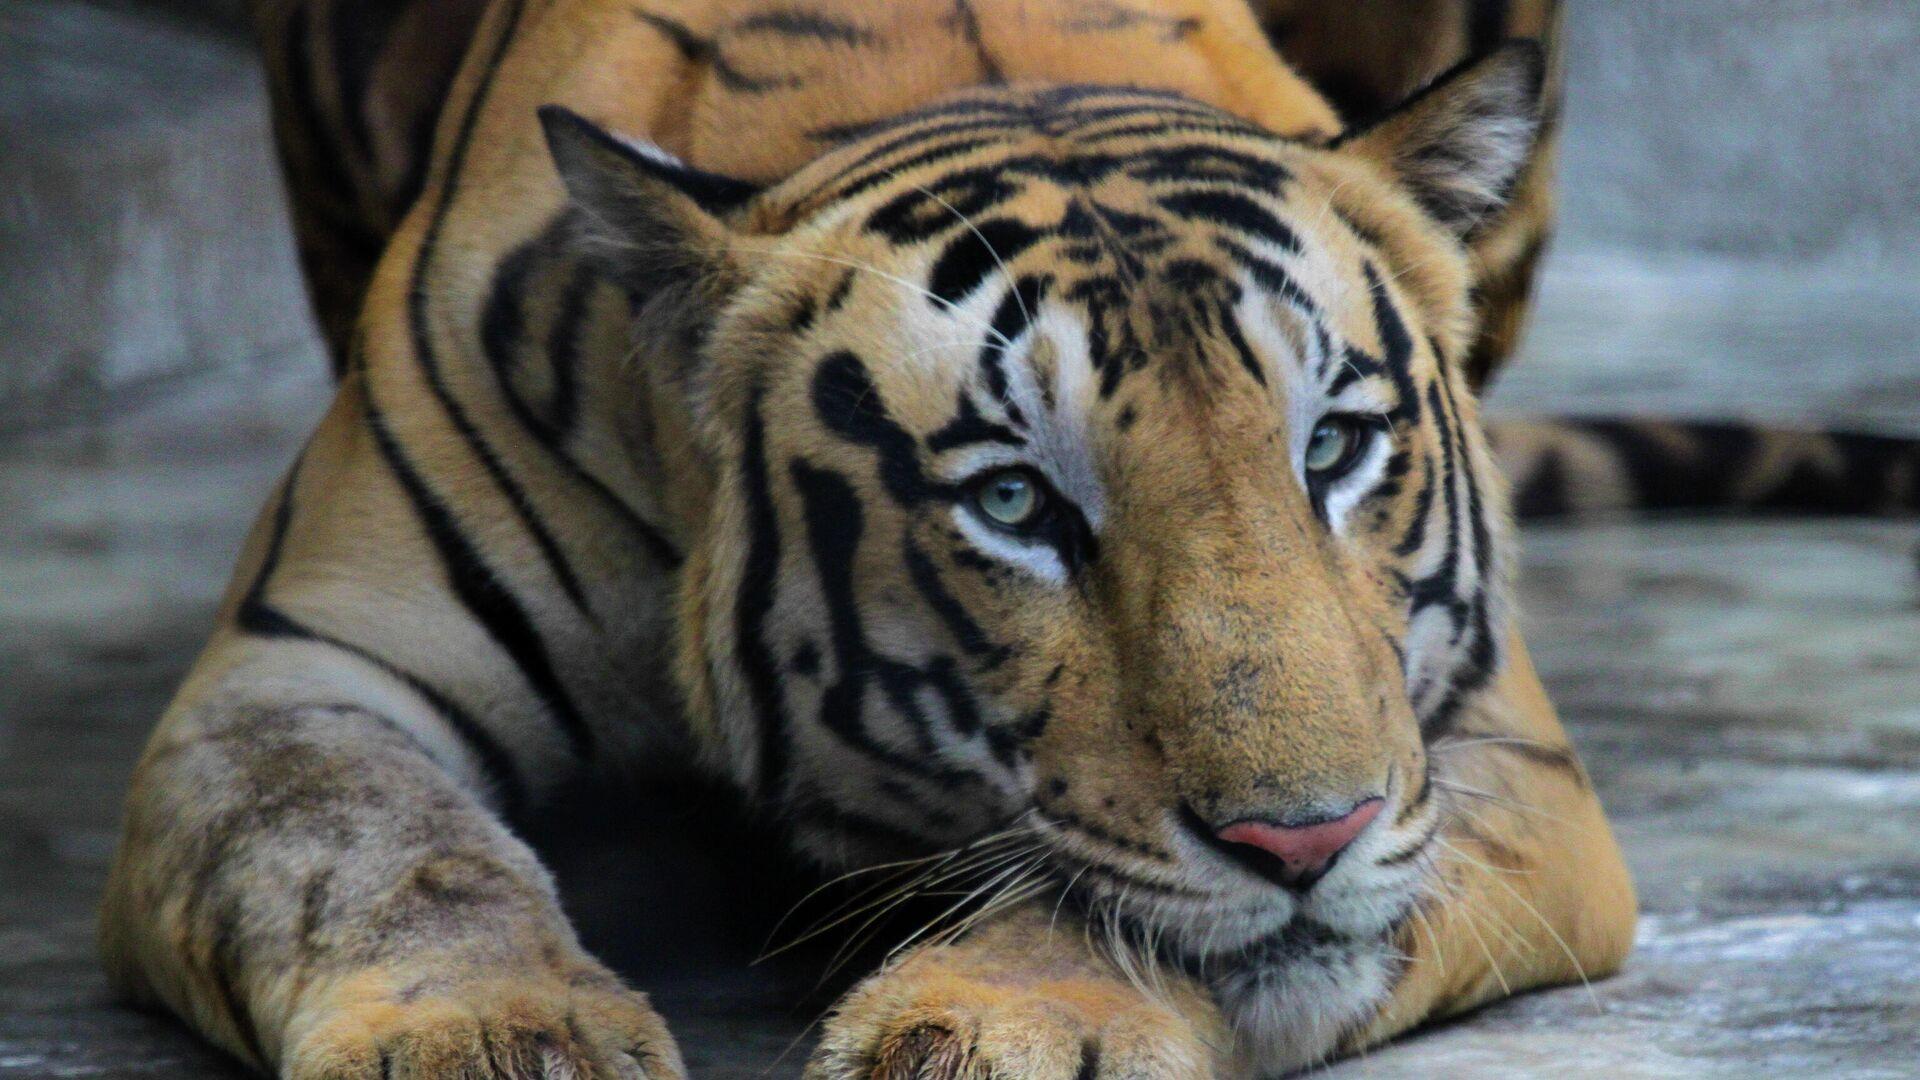 Un tigre en un zoo en la India - Sputnik Mundo, 1920, 21.08.2021